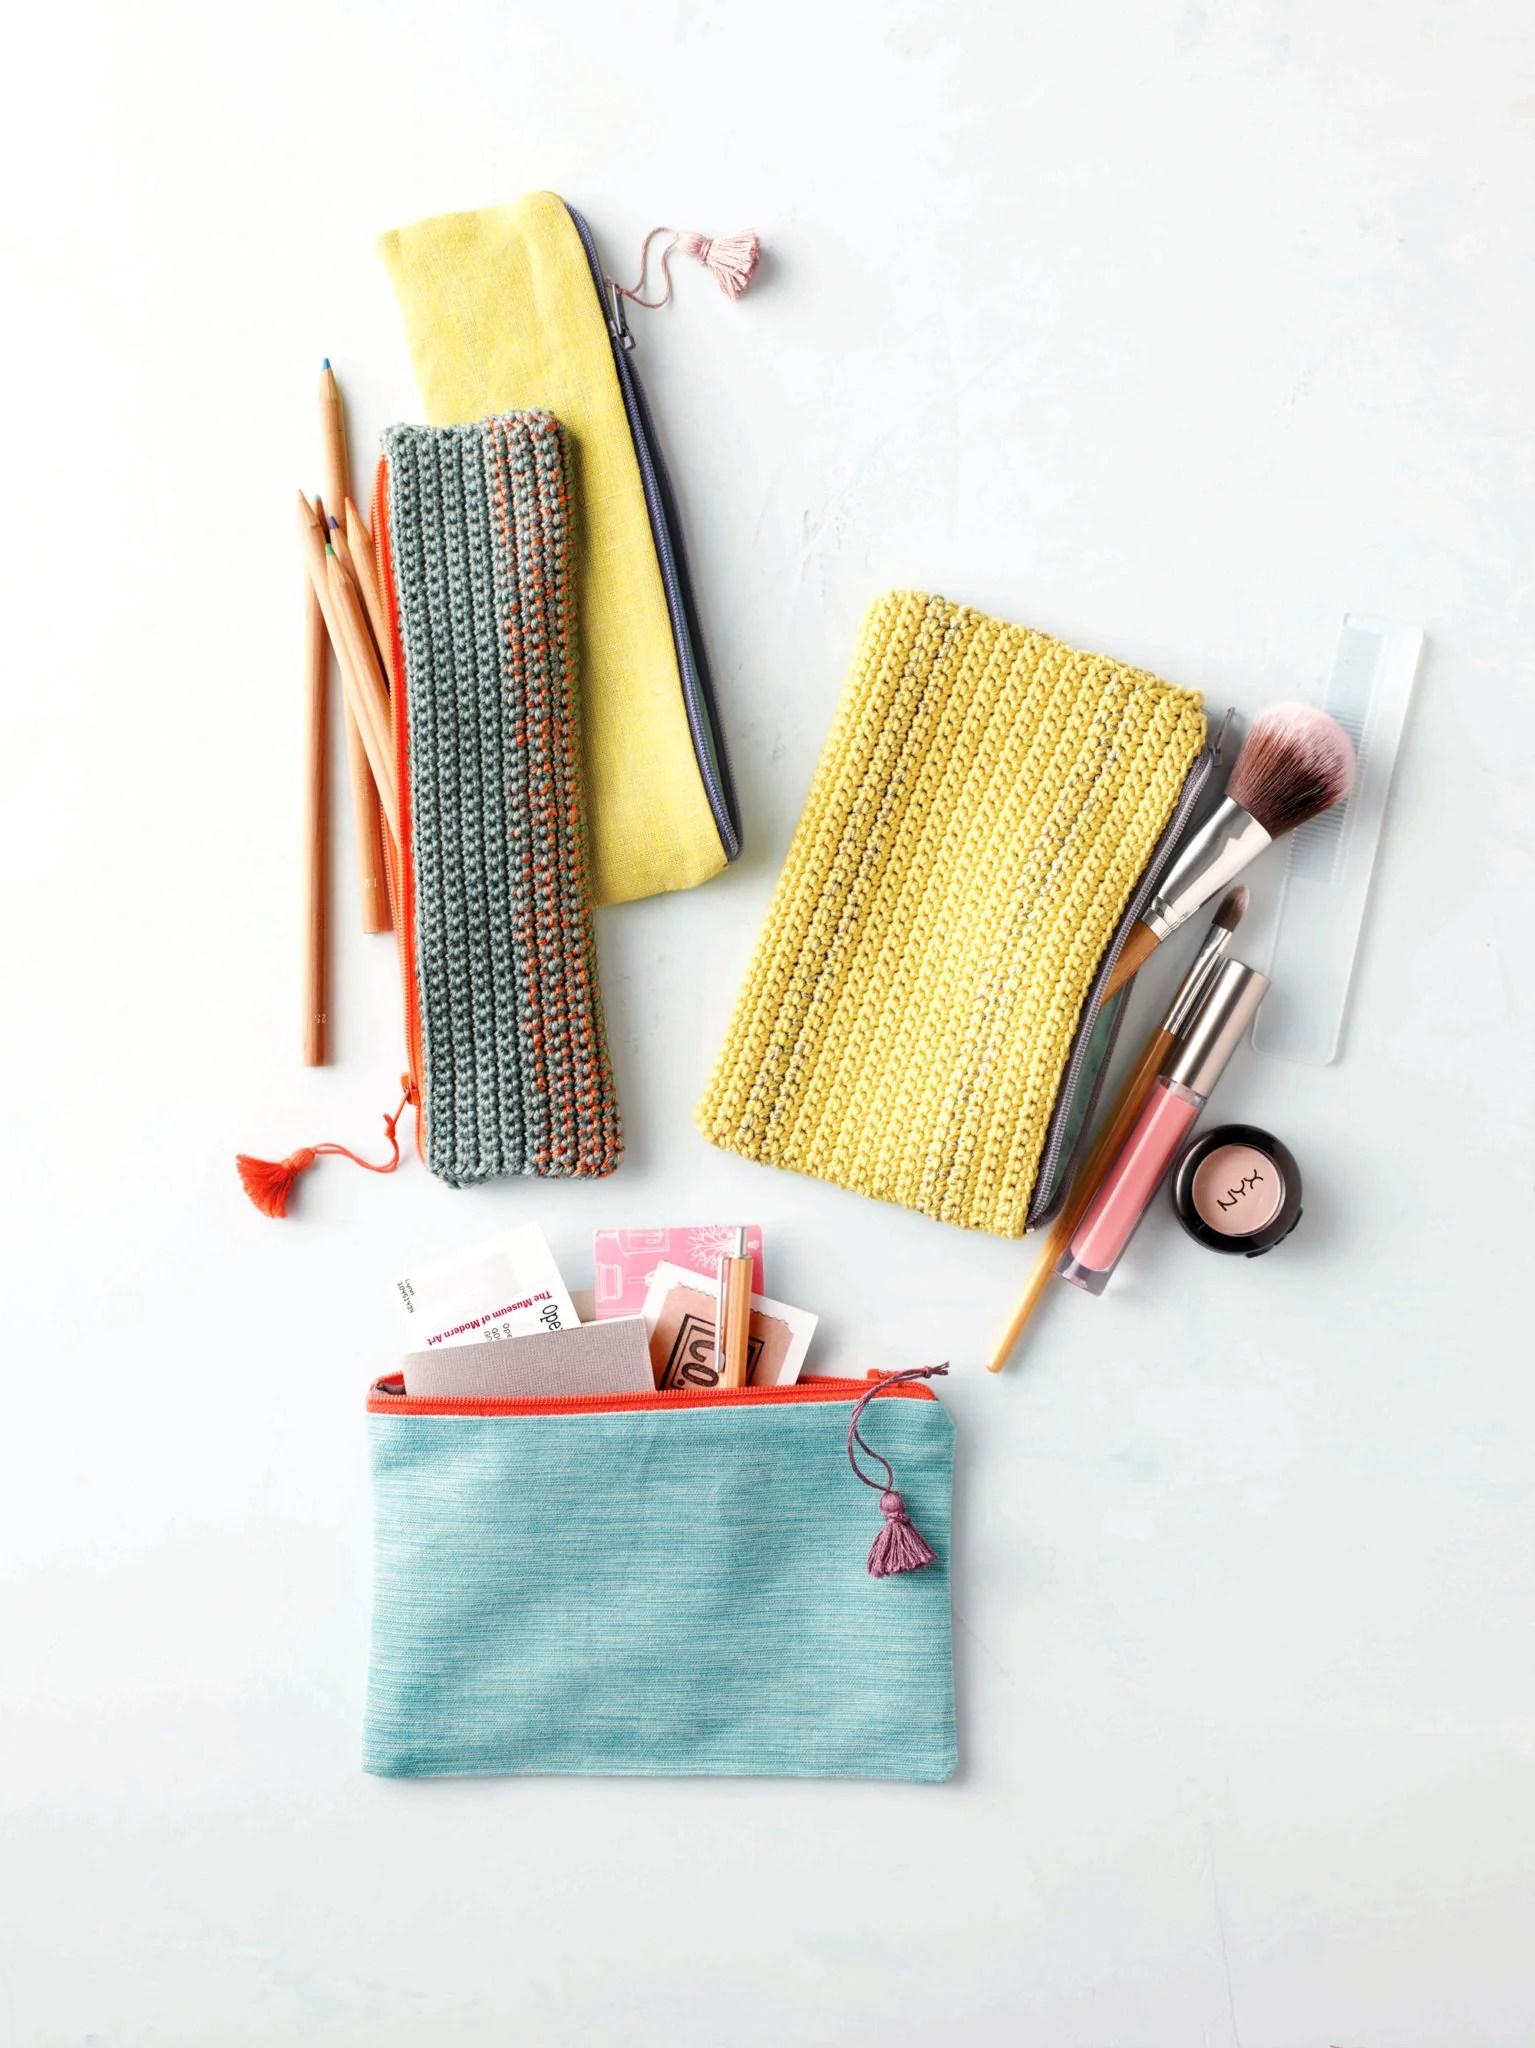 Crochet Zipper Pouch Pattern - Flax & Twine